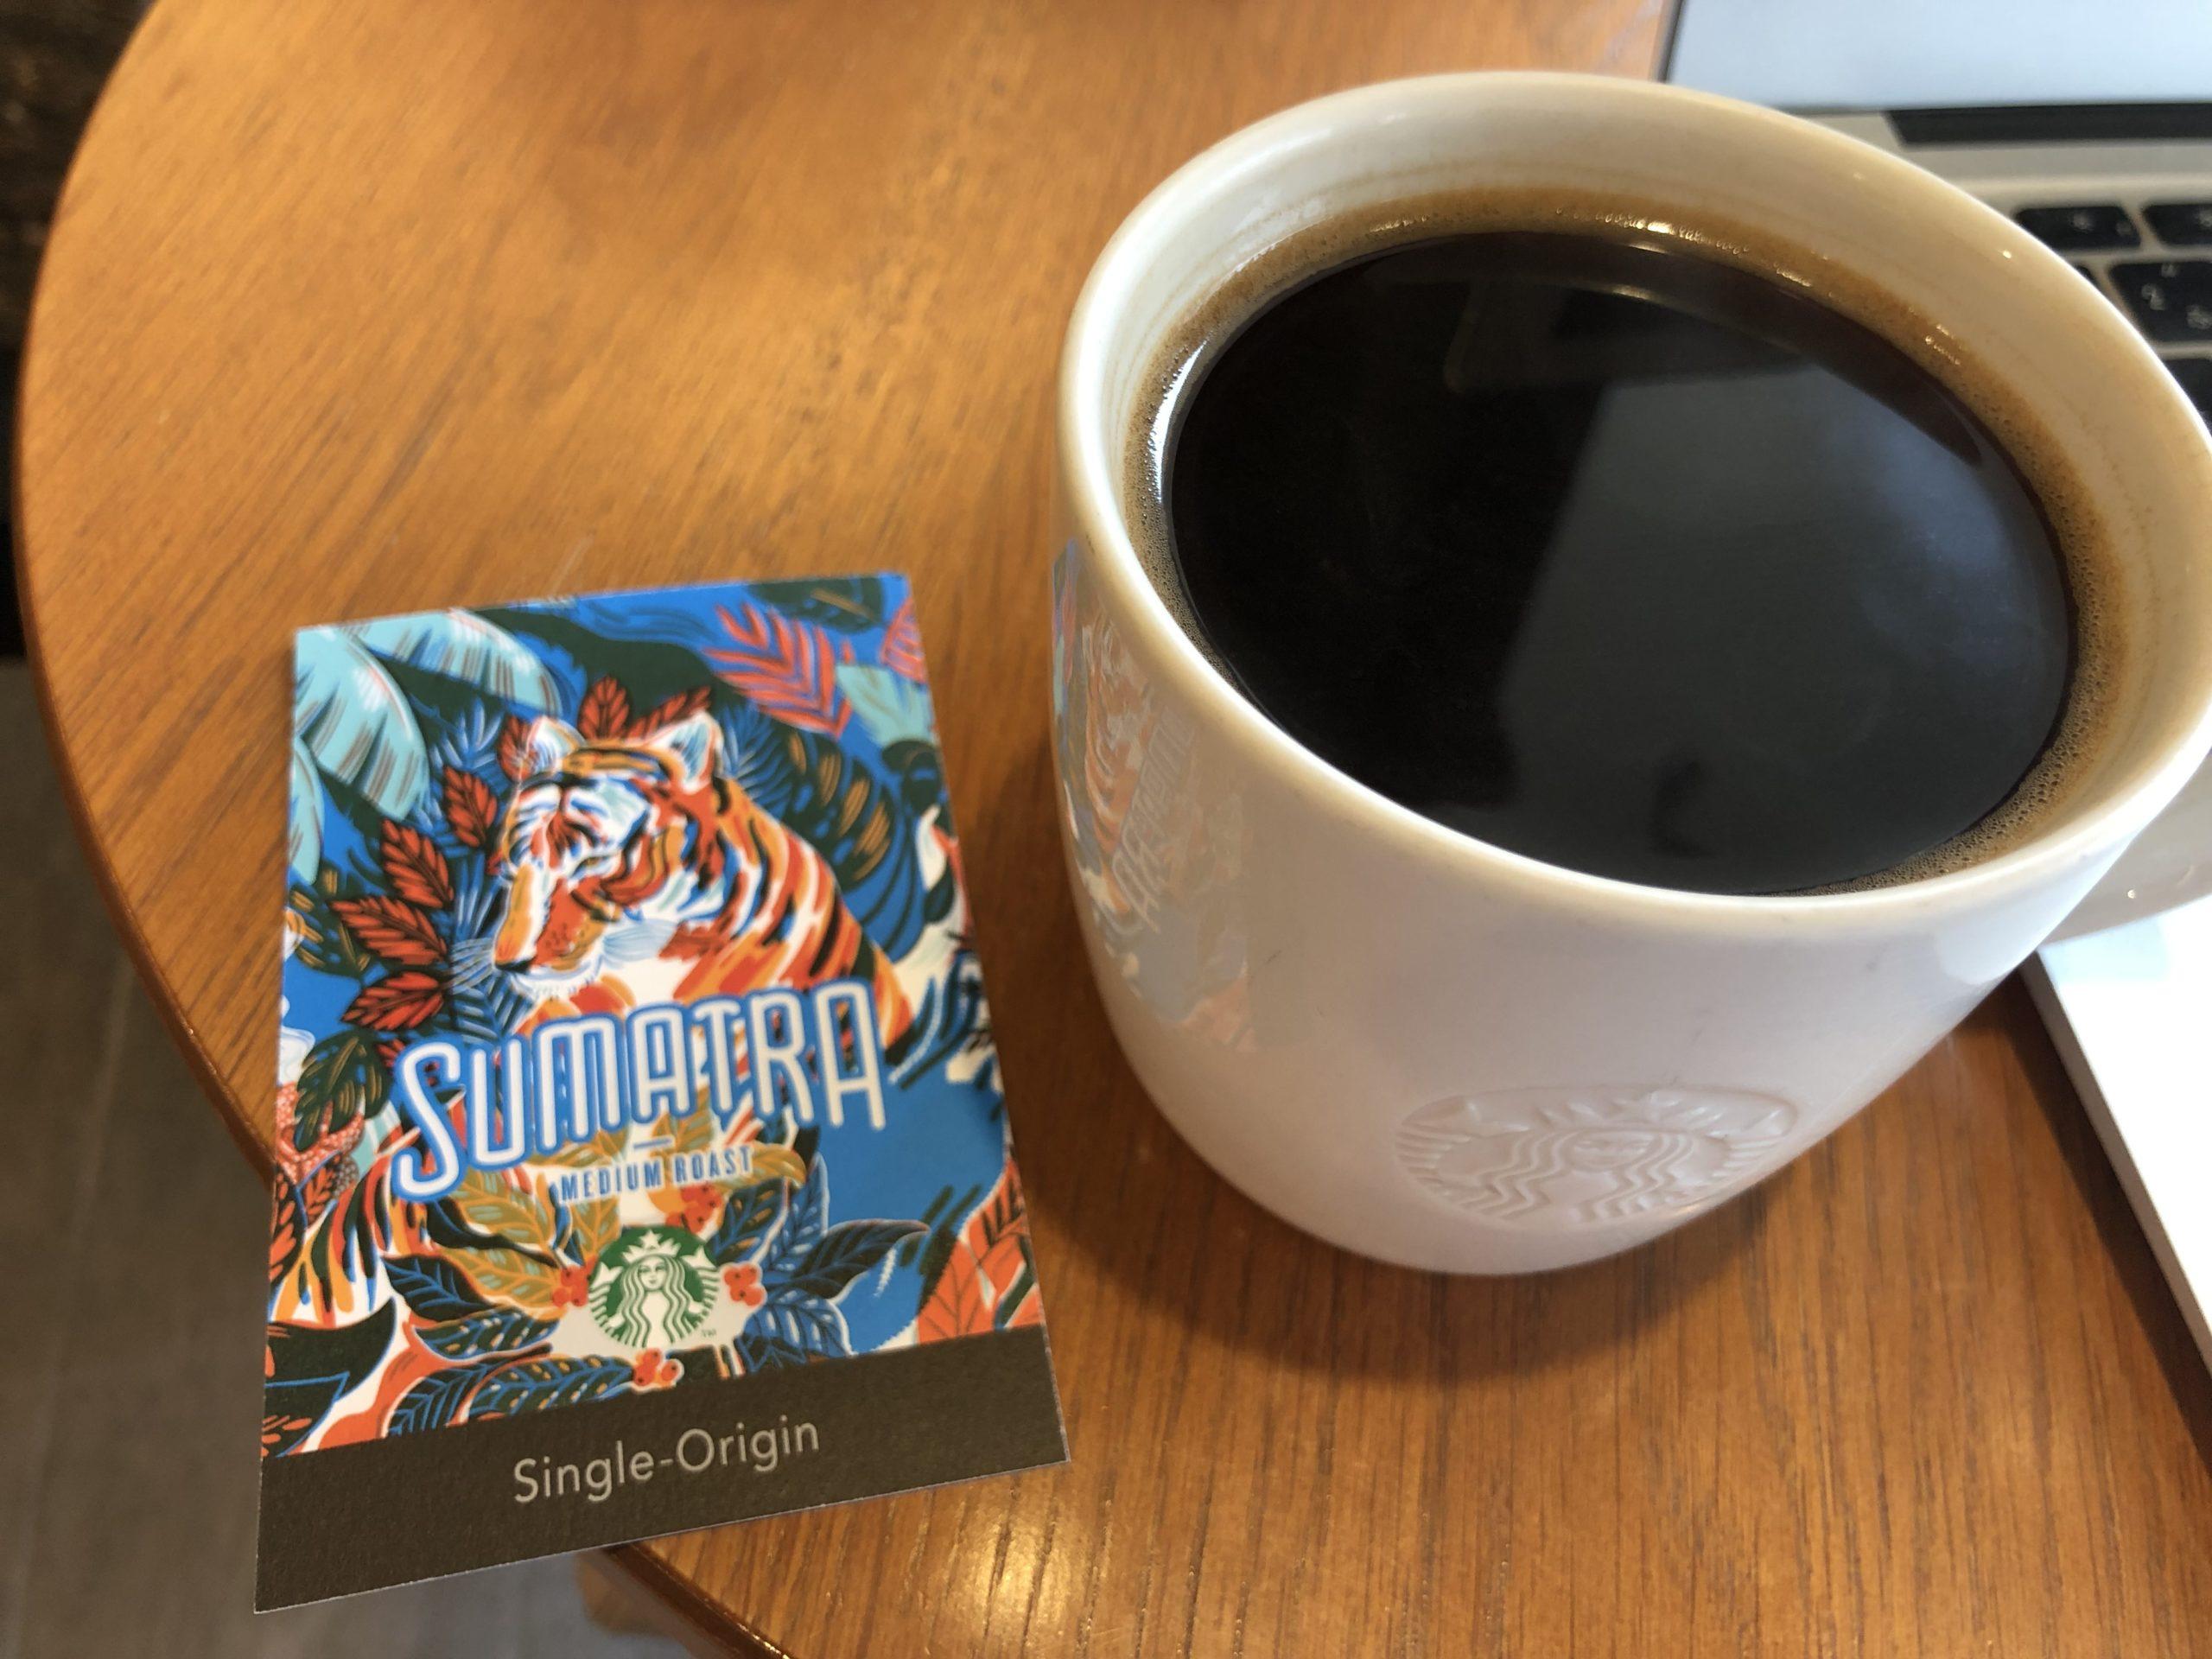 スターバックスコーヒーのスマトラミディアムローストコーヒー